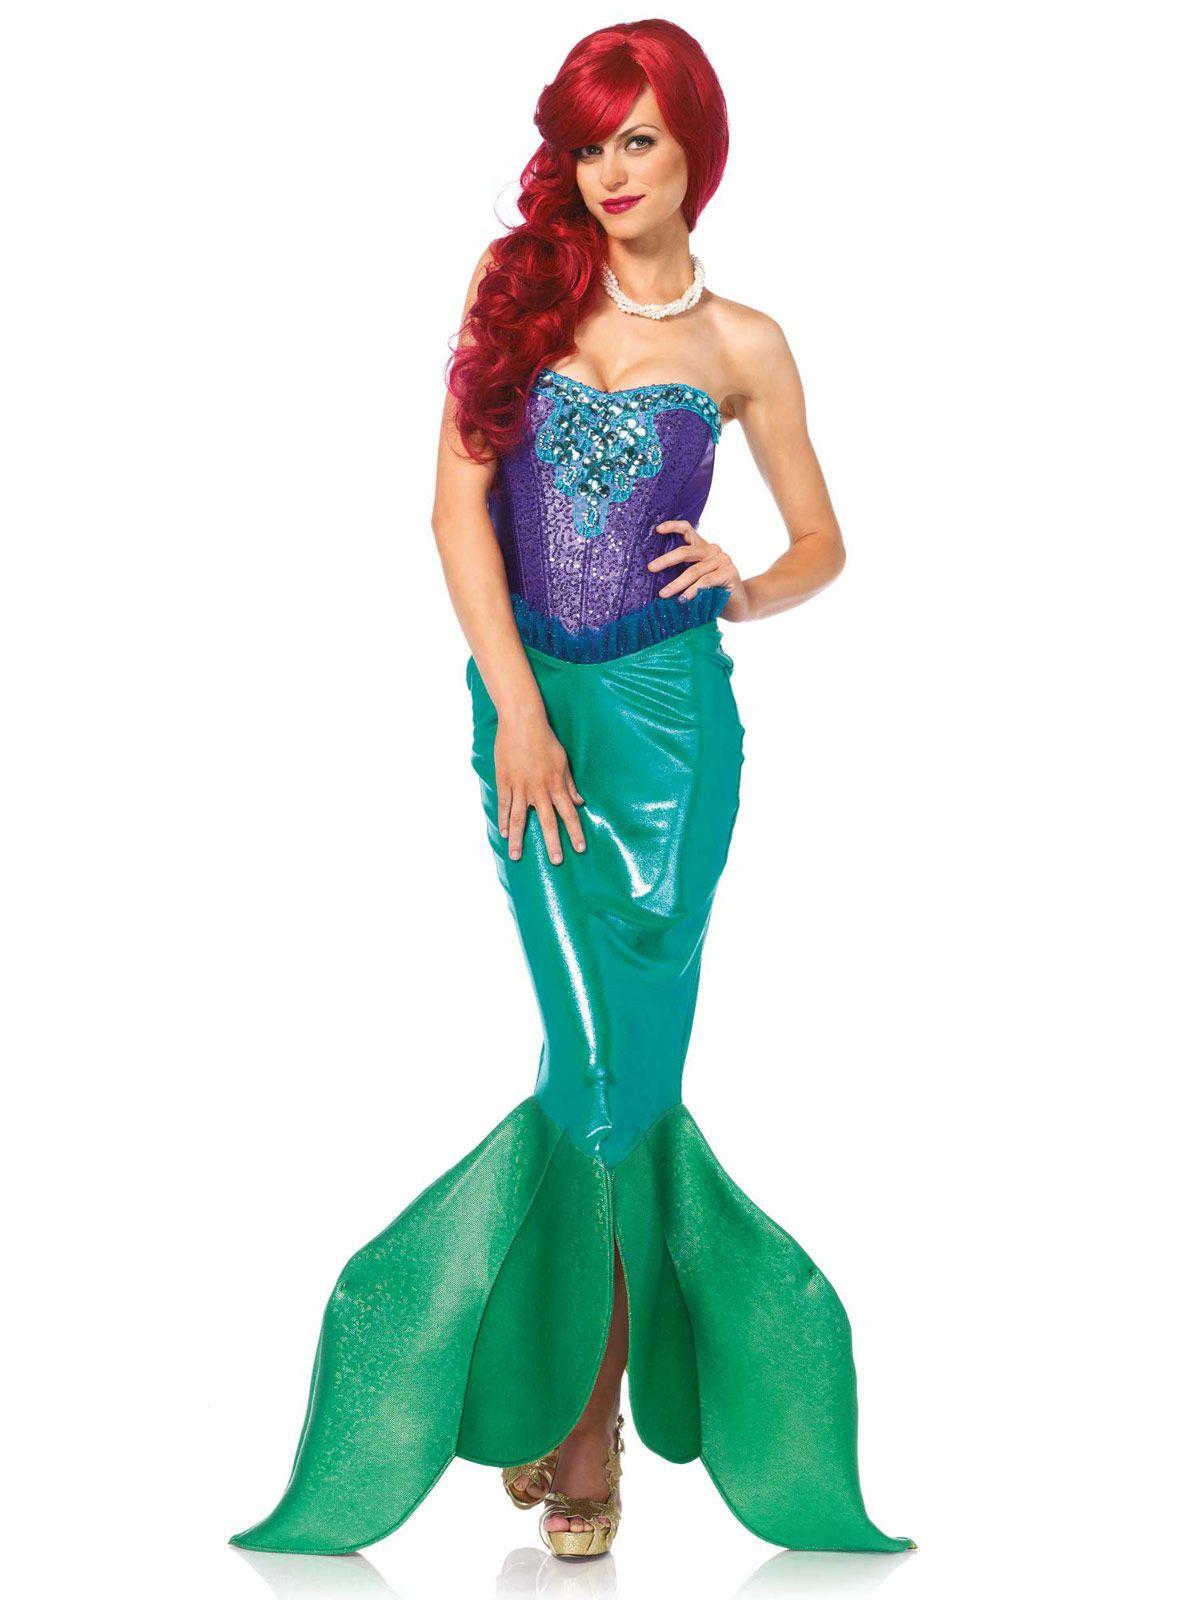 Zauberhafte Meerjungfrau Deluxe Damenkostüm Märchen lila-grün, aus unserer Kategorie Märchenkostüme. Diese Meerjungfrau ist die Prinzessin on Atlantis und herrscht voller Güte über ihr Volk. Sie hat sich unsterblich in einen Prinzen von der Oberfläche verliebt - wenn sie doch nur an Land gehen könnte ... Ein bezauberndes Kostüm für Karneval und Märchen Mottopartys.